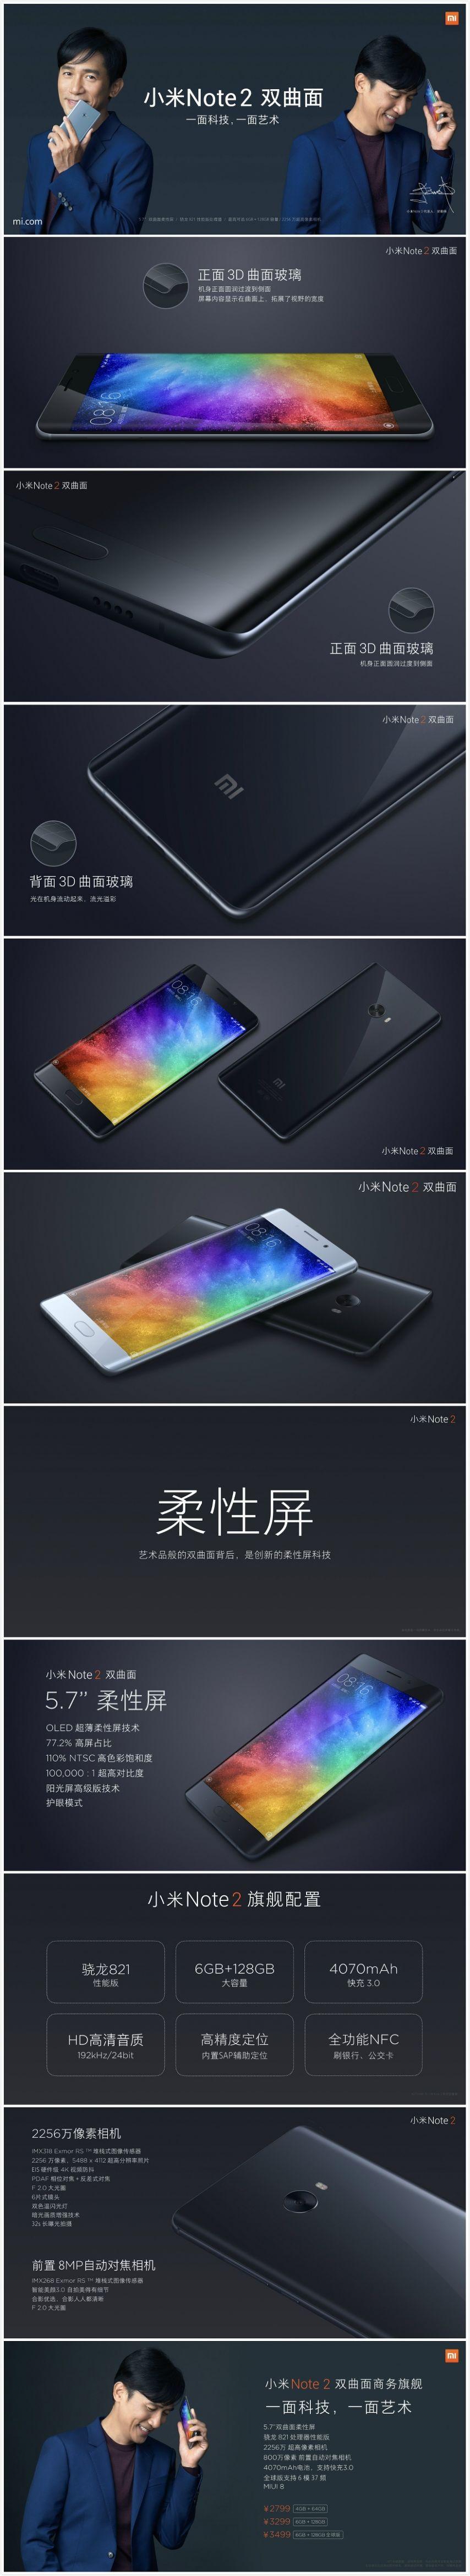 金马影帝品牌代言,小米手机Note 2宣布公布